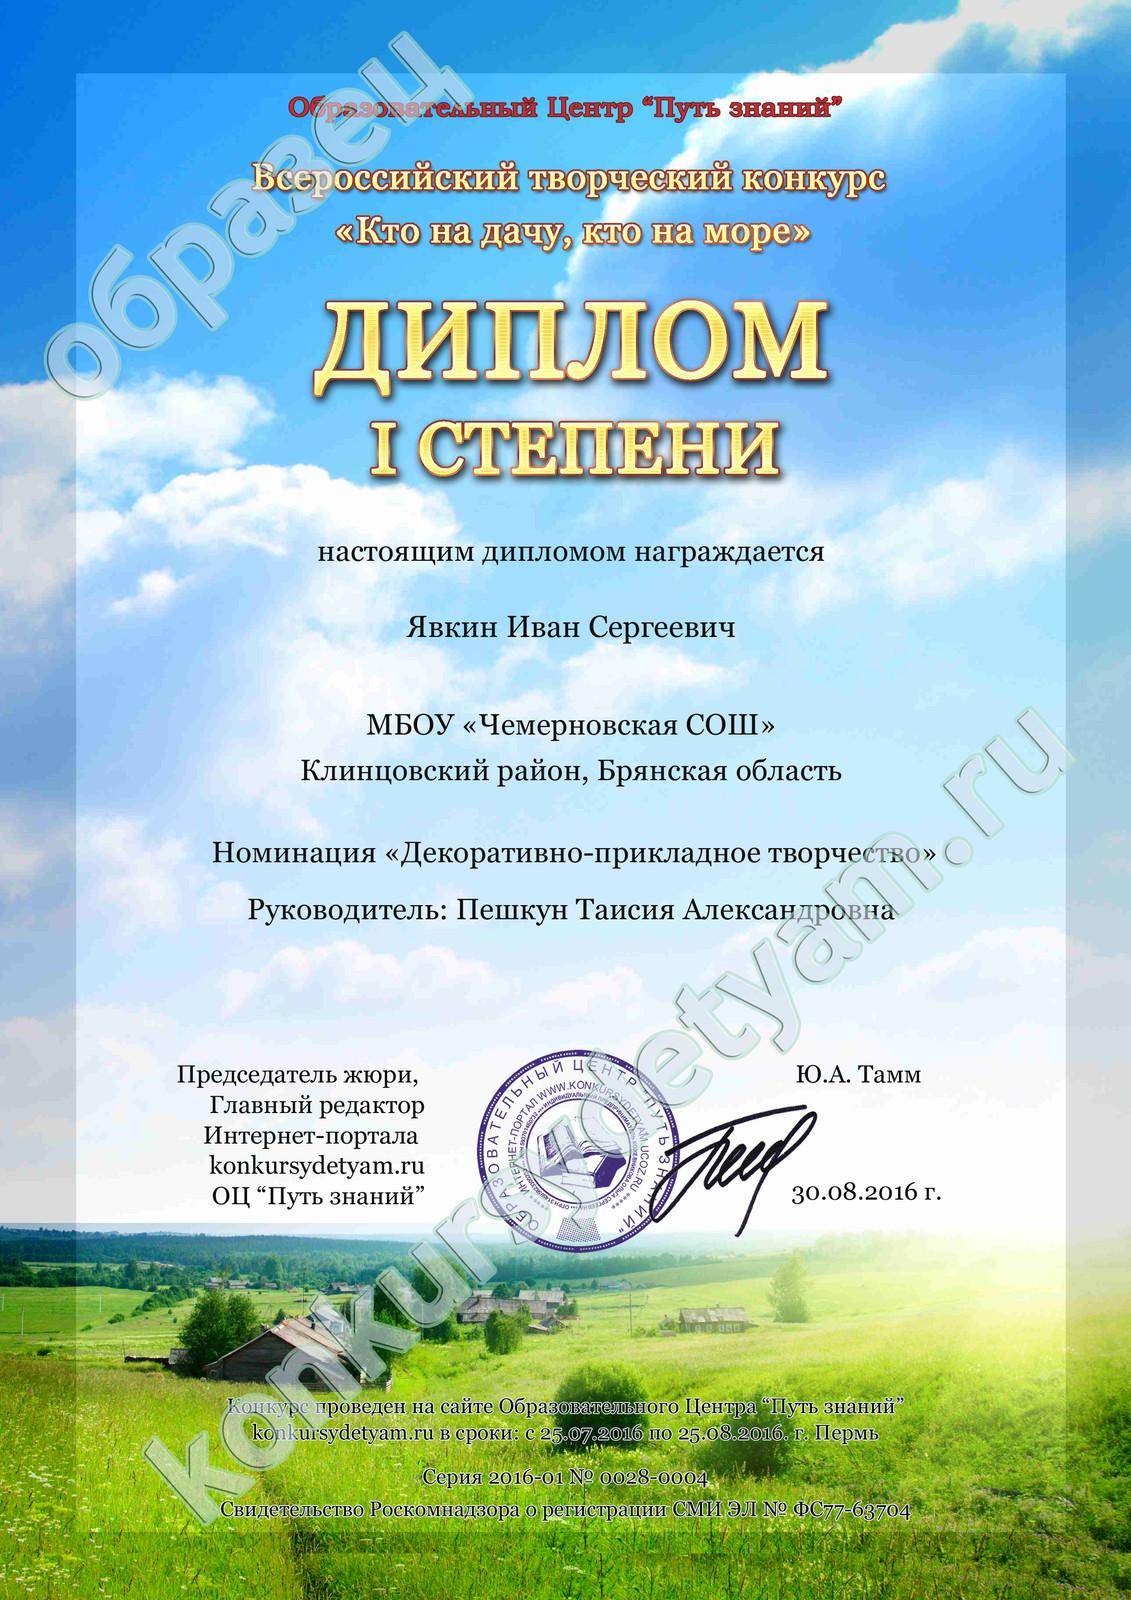 Всероссийский конкурс зеленая планета 2017